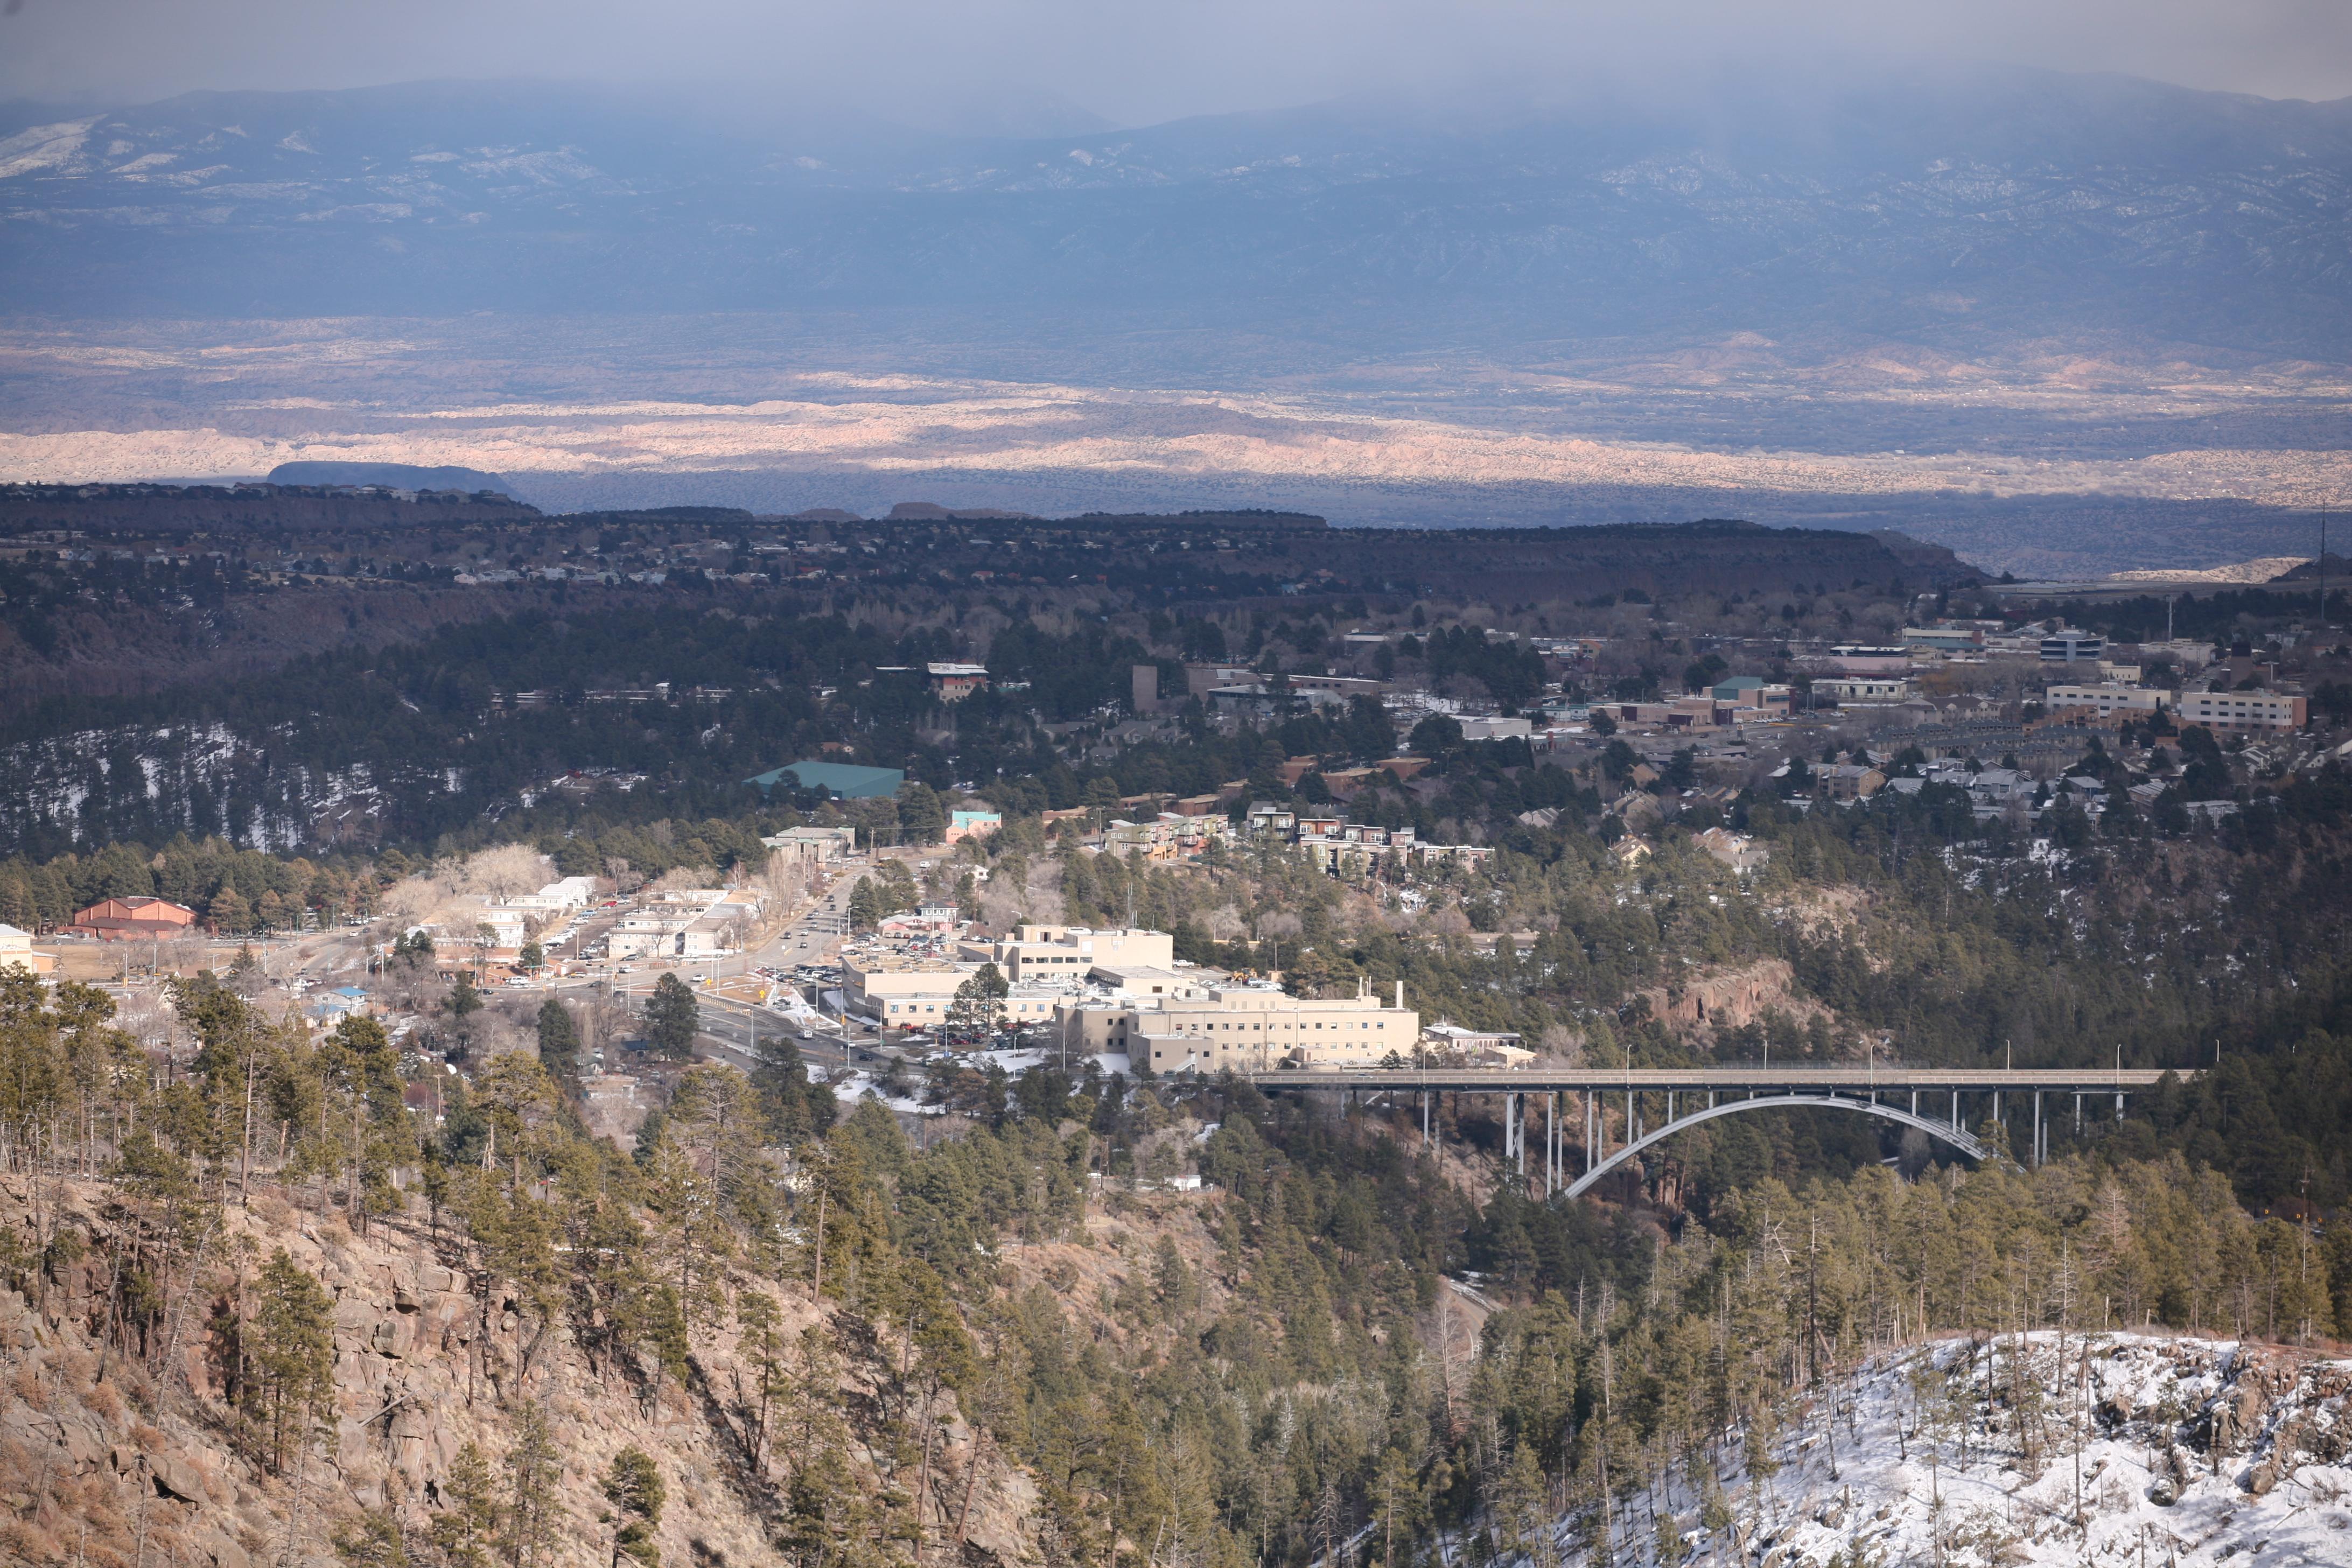 New mexico los alamos county los alamos - About Los Alamos New Mexico County